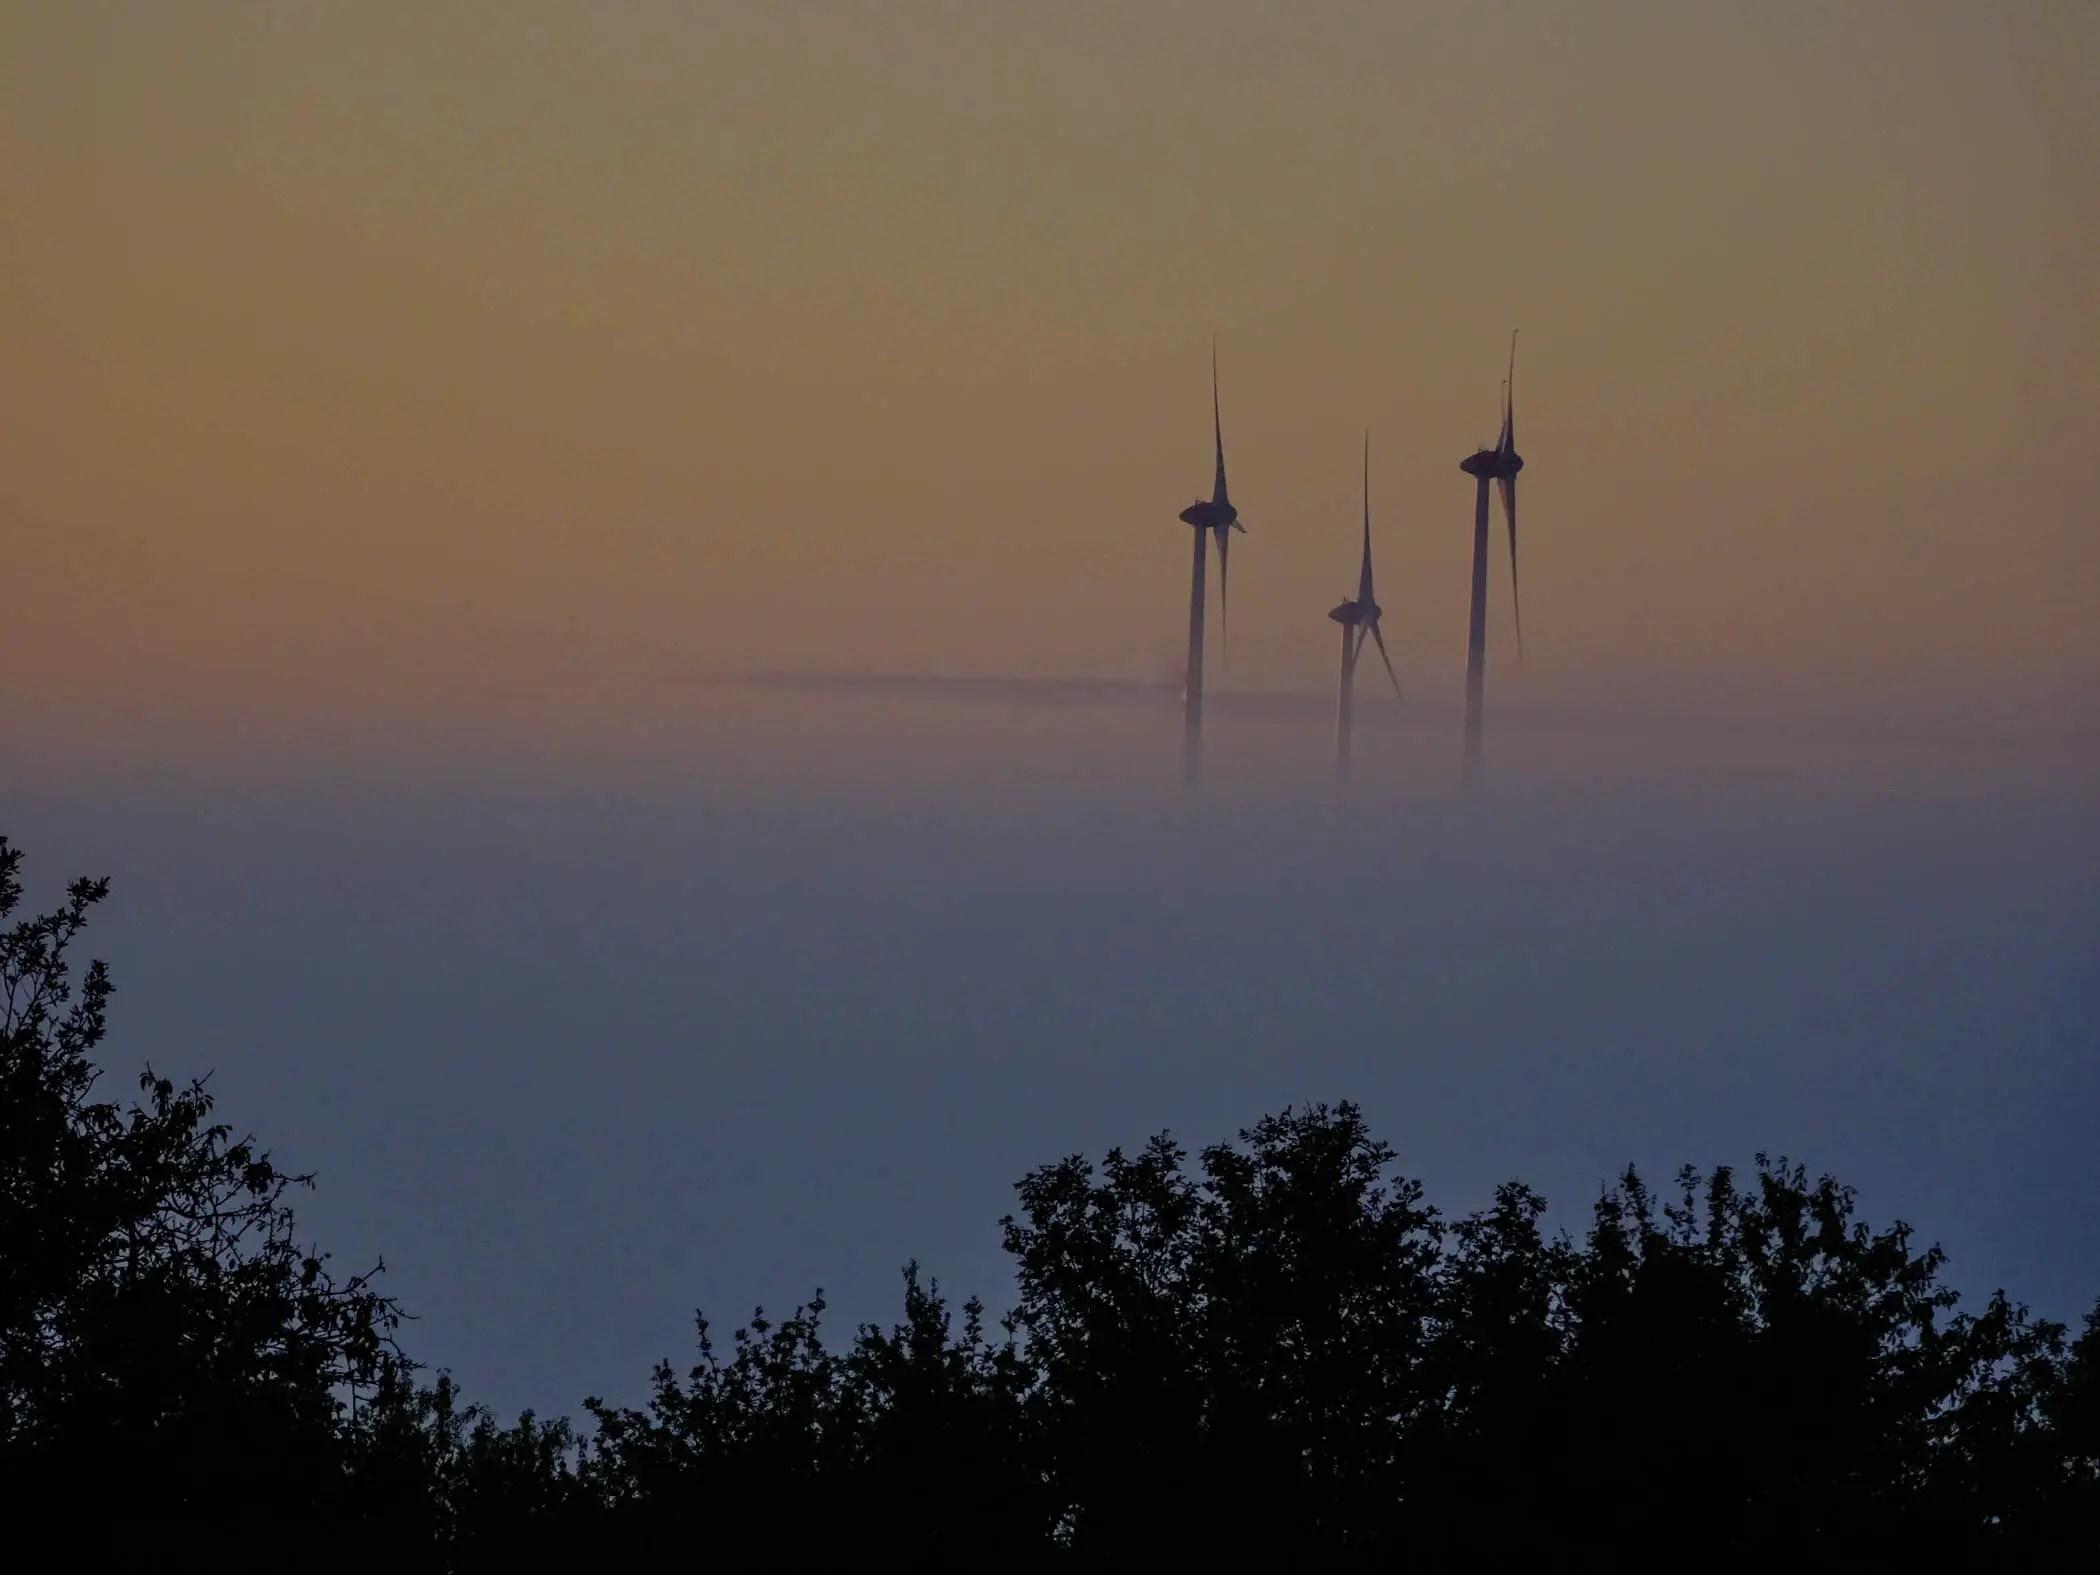 Der Morgen erwacht in der Pfalz